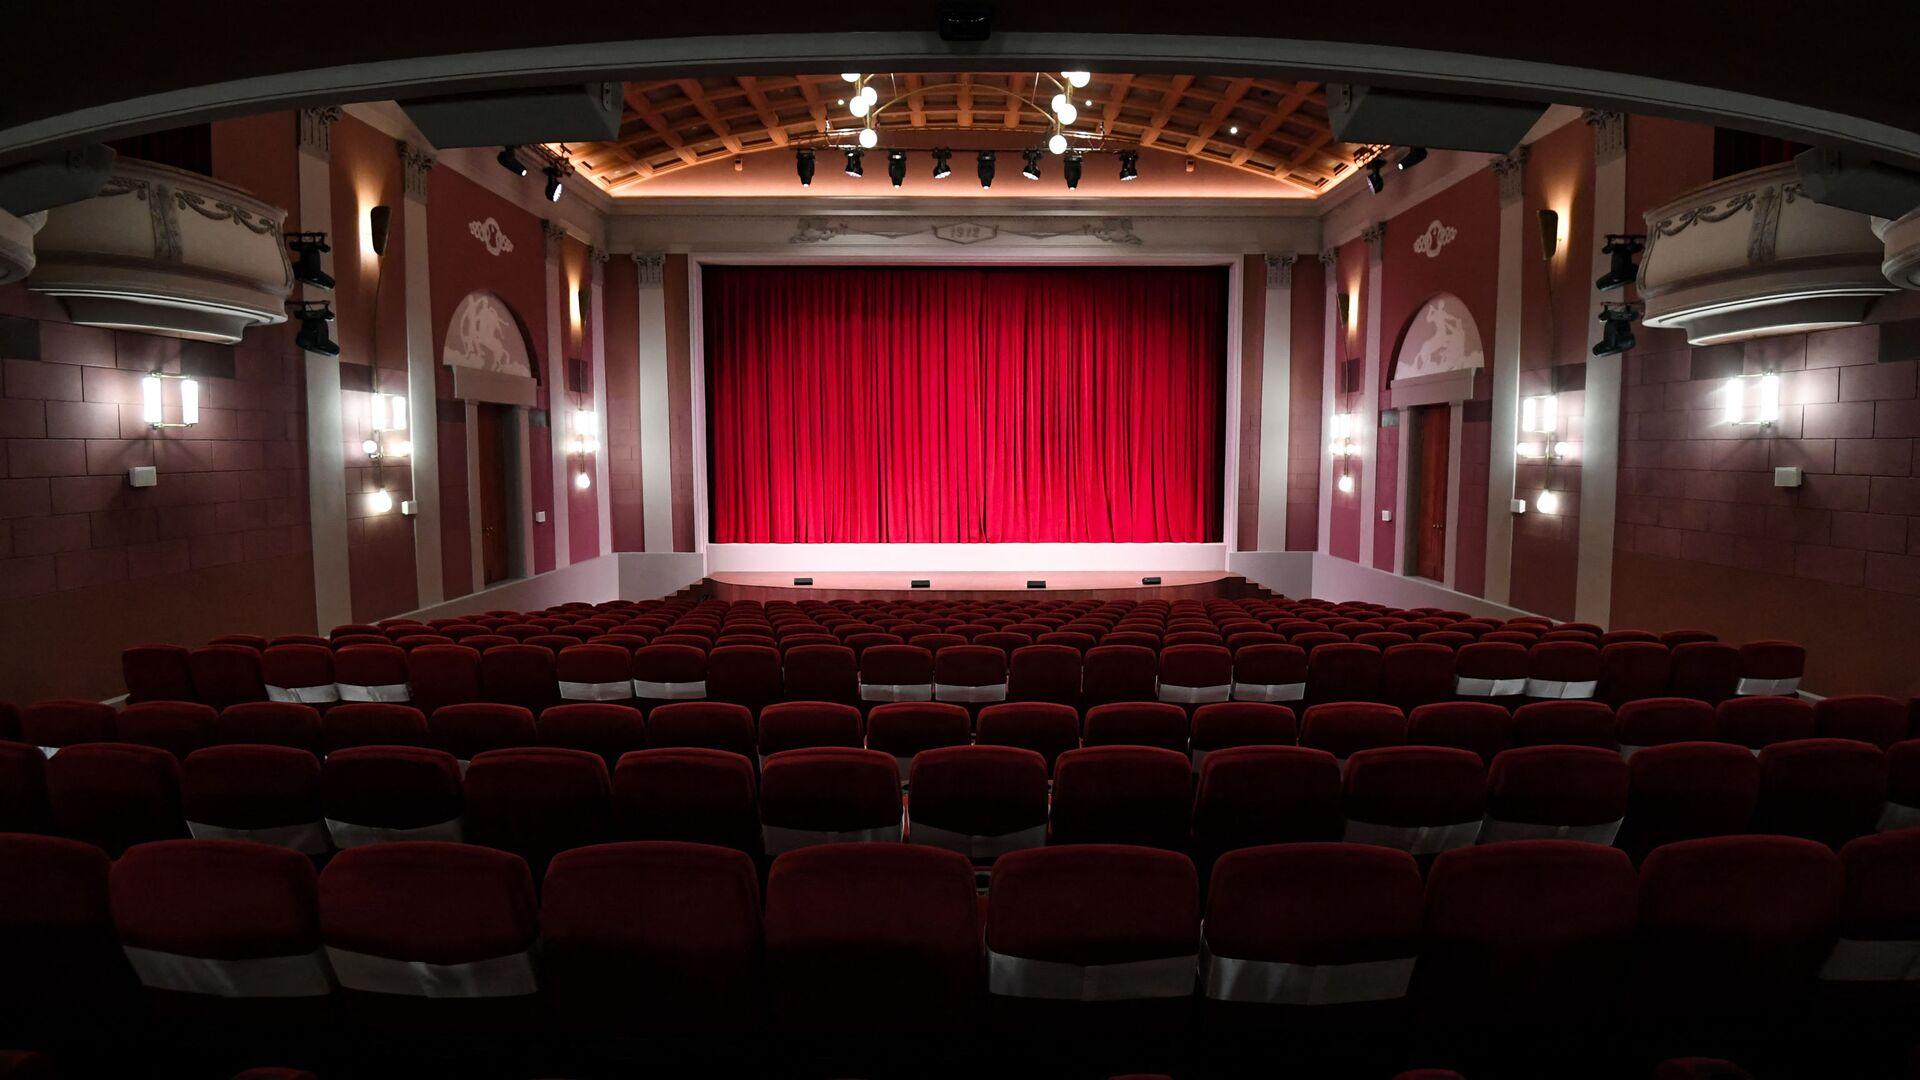 Boş teatr səhnəsi, arxiv şəkli - Sputnik Azərbaycan, 1920, 09.09.2021